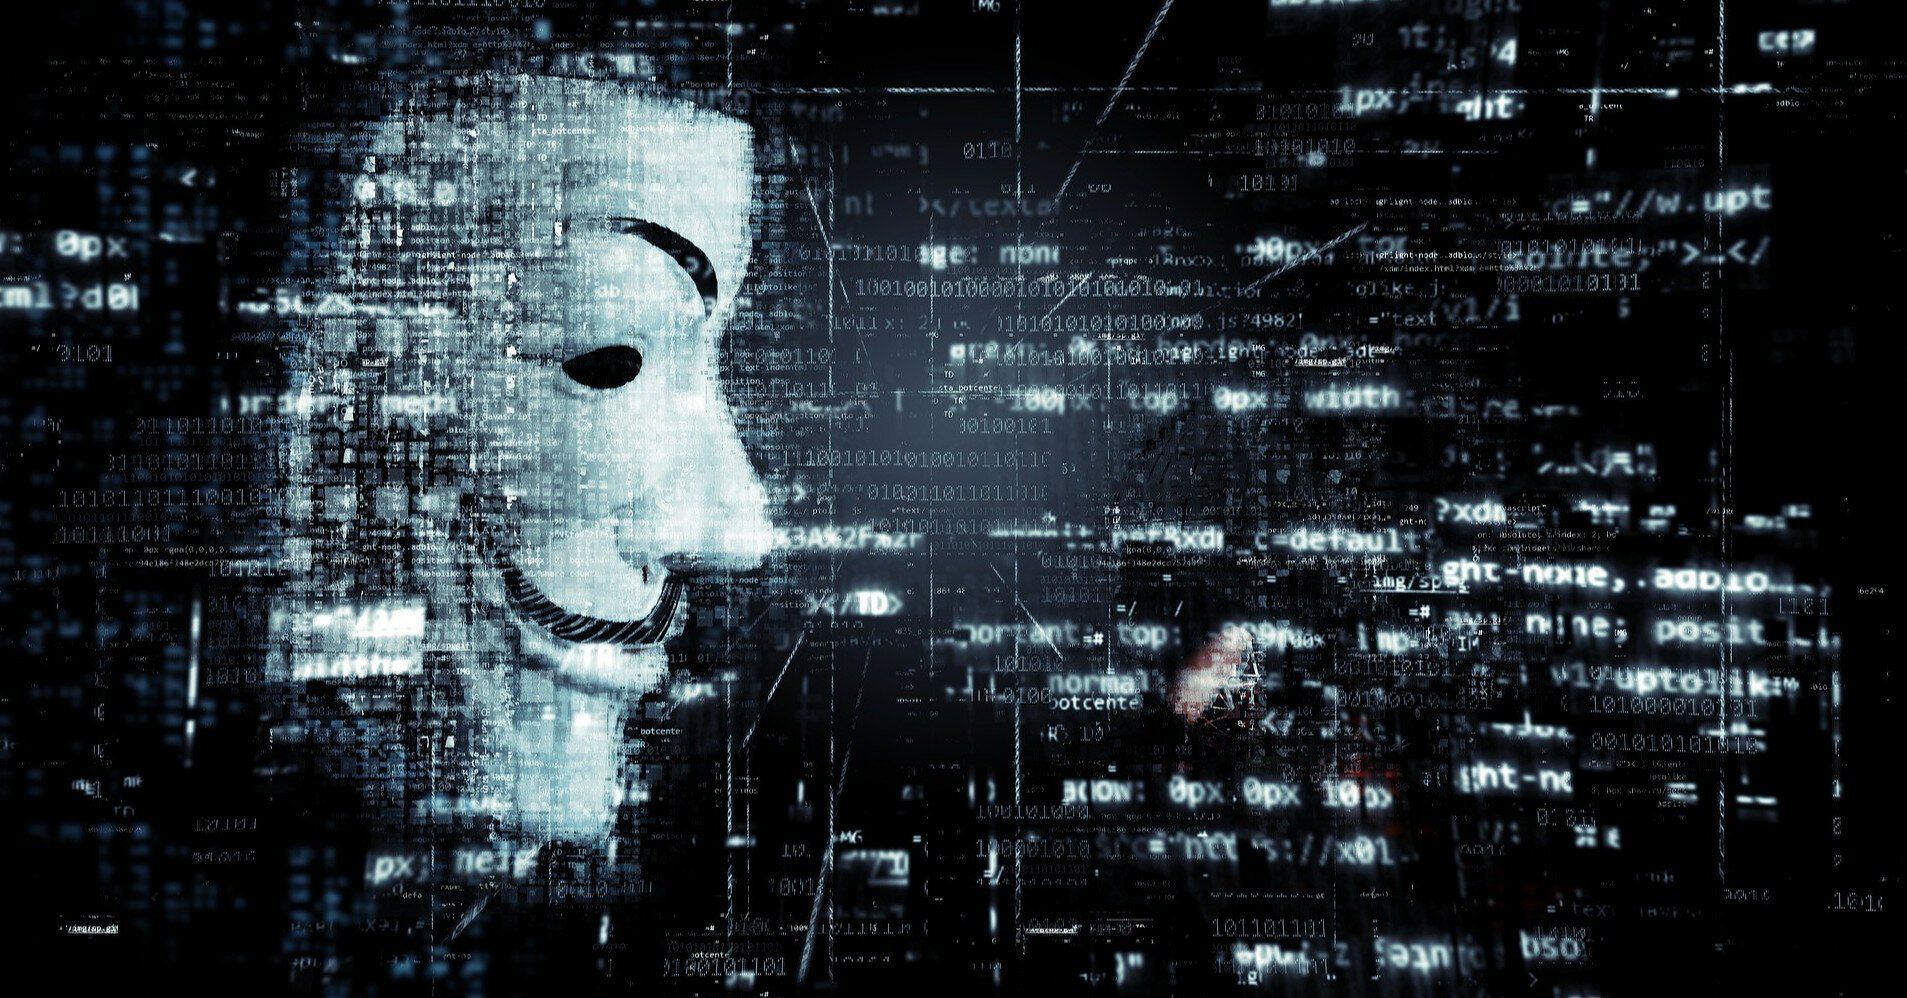 JBS заплатил хакерам миллионы долларов выкупа